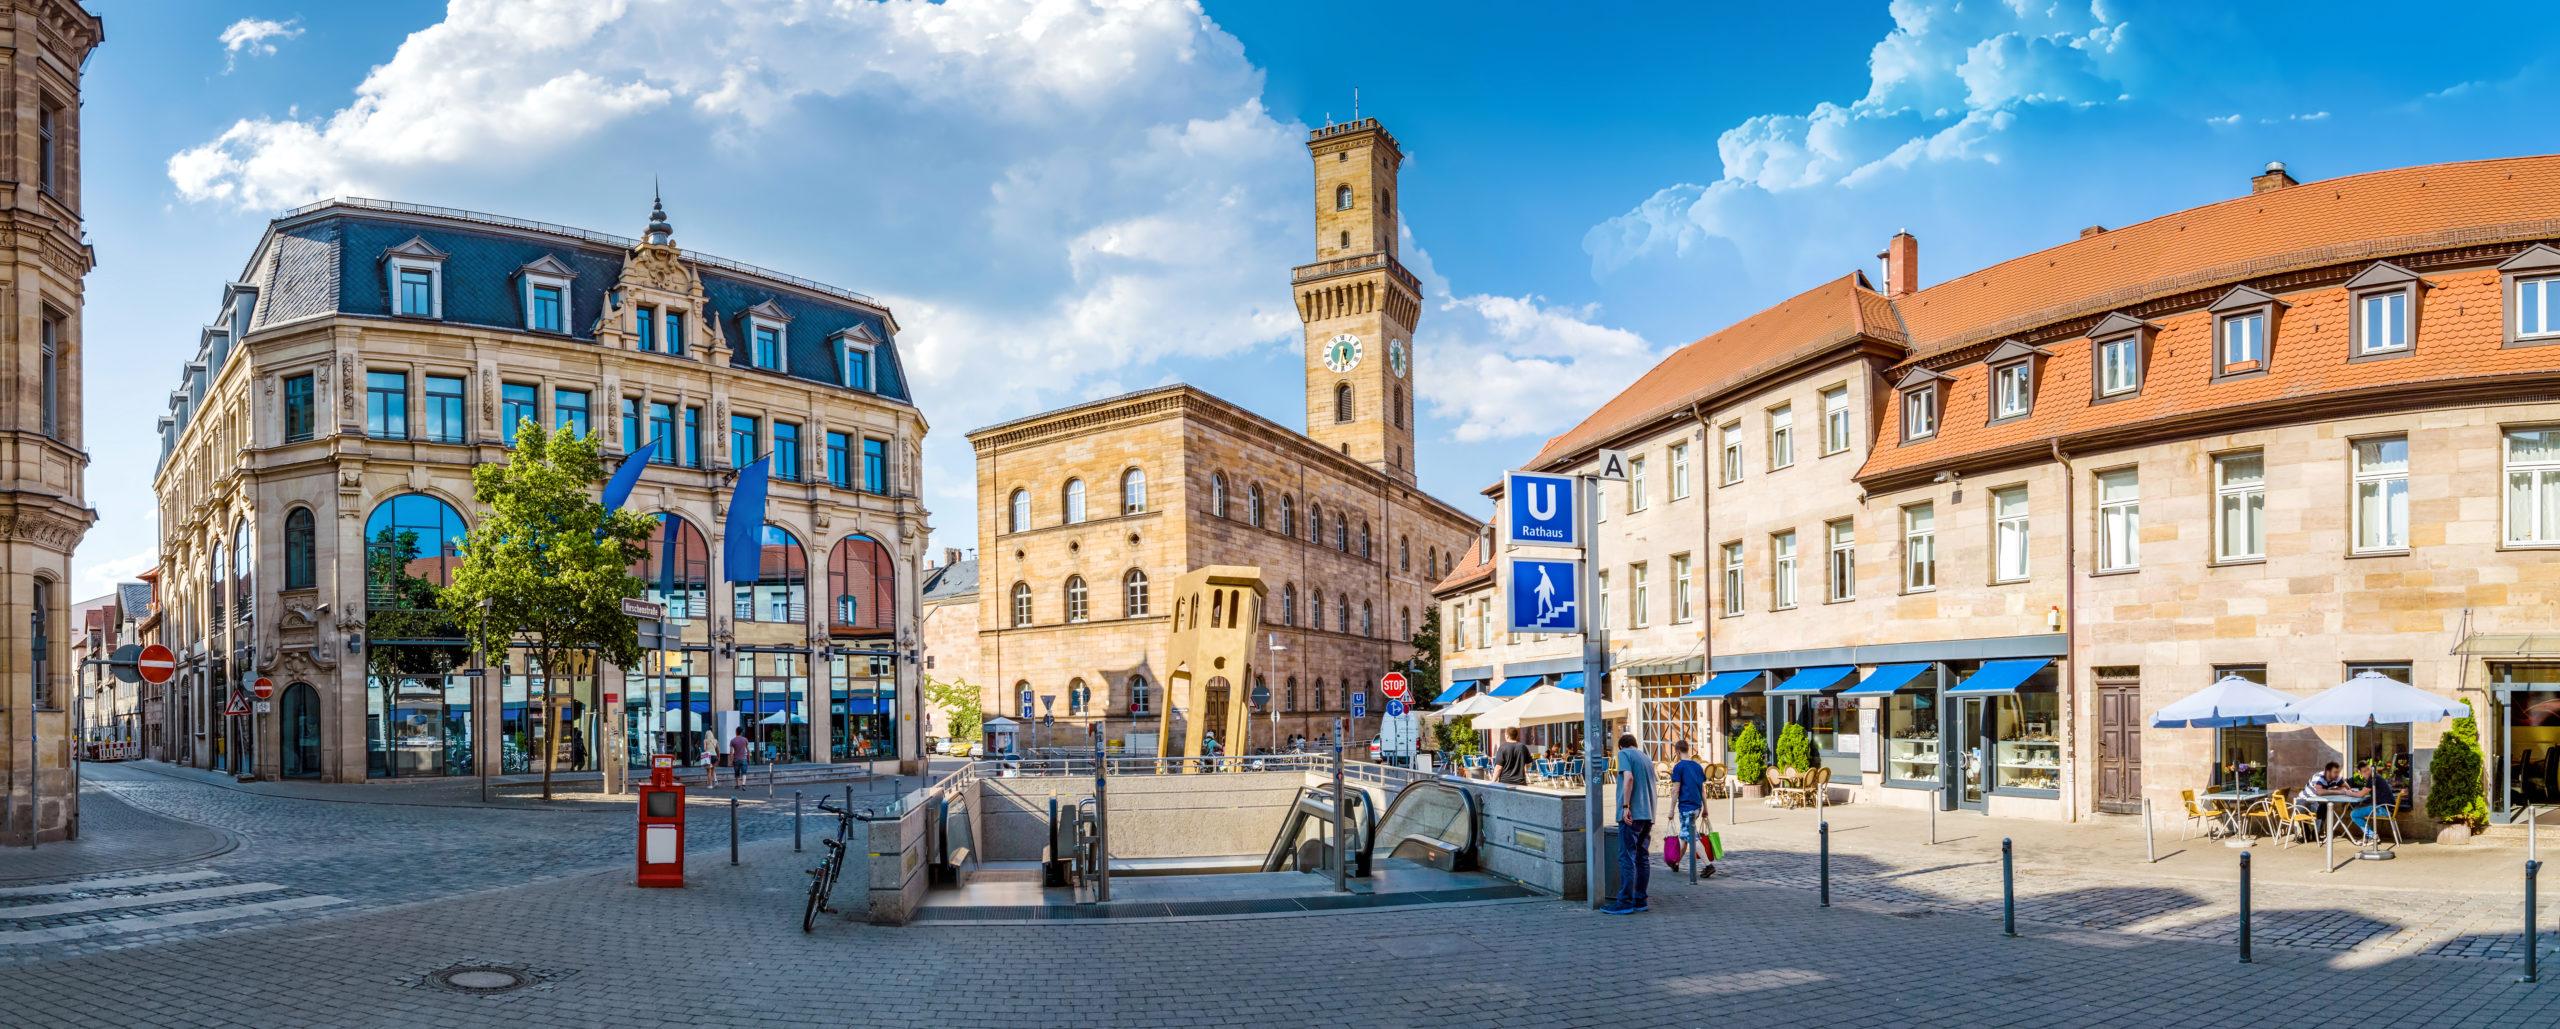 Haushaltsauflösung und Entrümpelung in Fürth